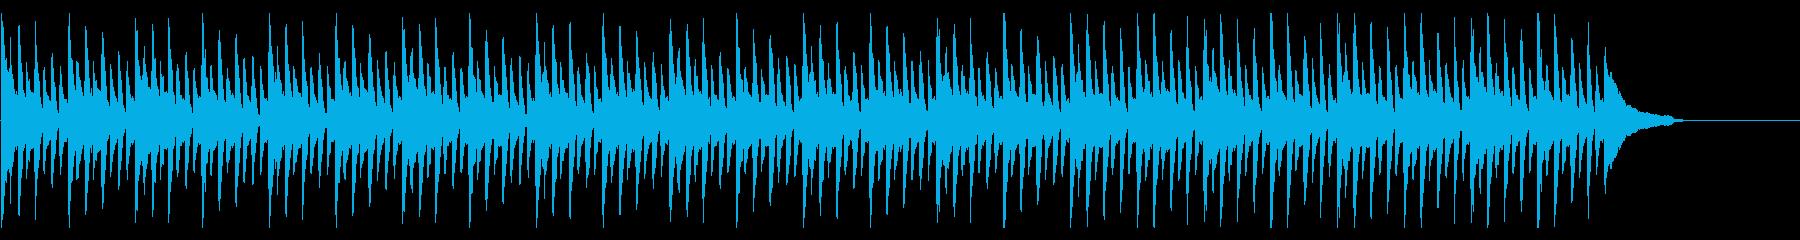 企業VPに 爽やかでわくわくするポップMの再生済みの波形